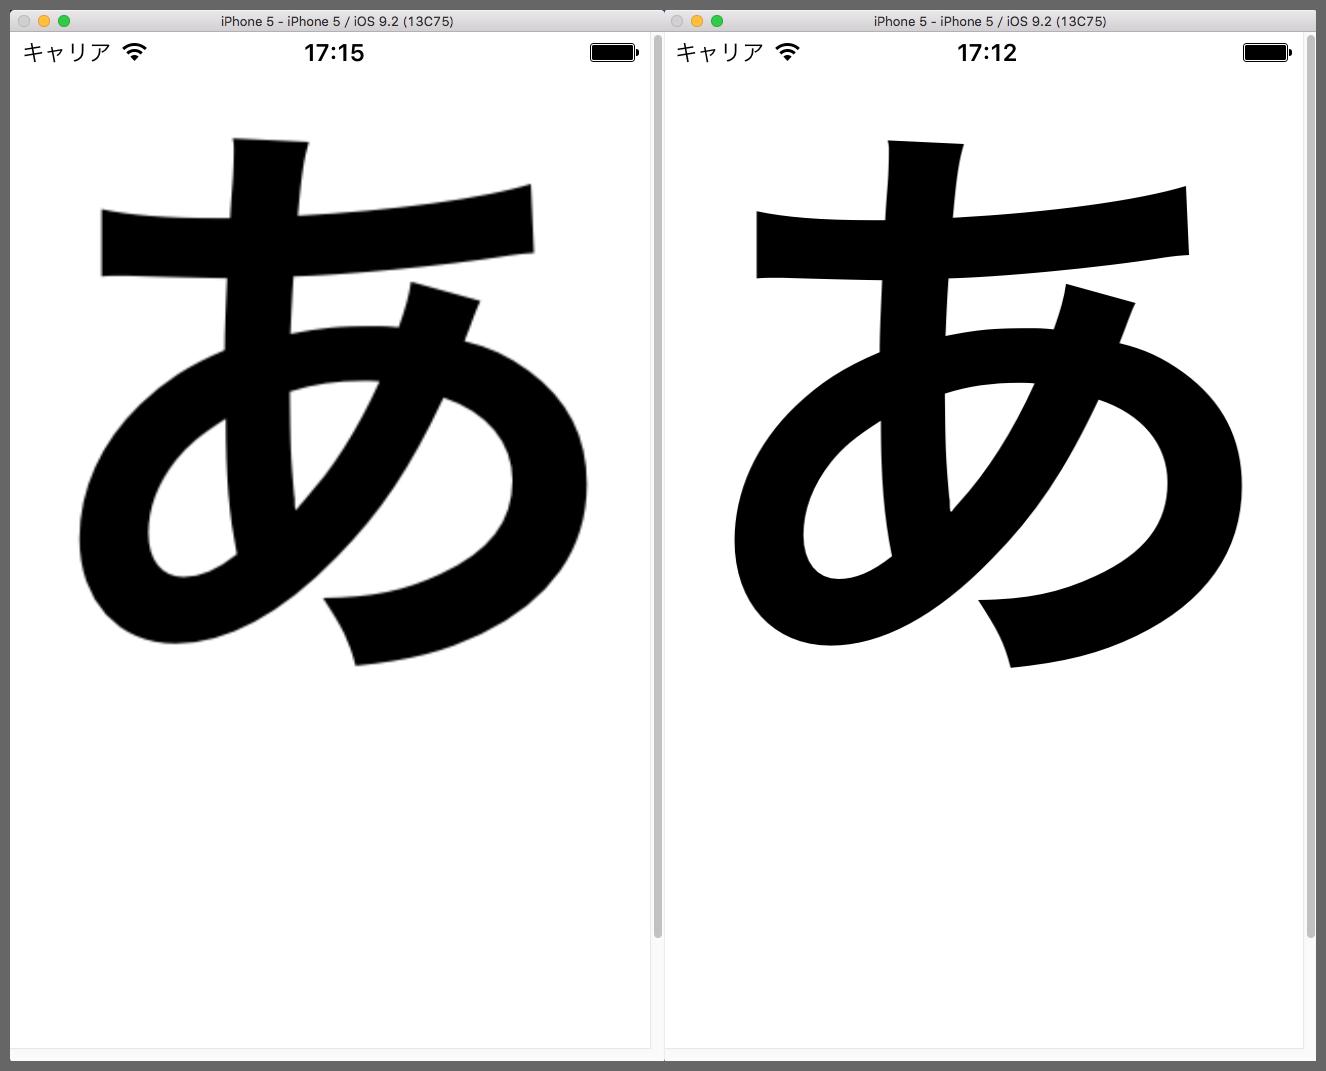 解像度の違う2つの画像を比較